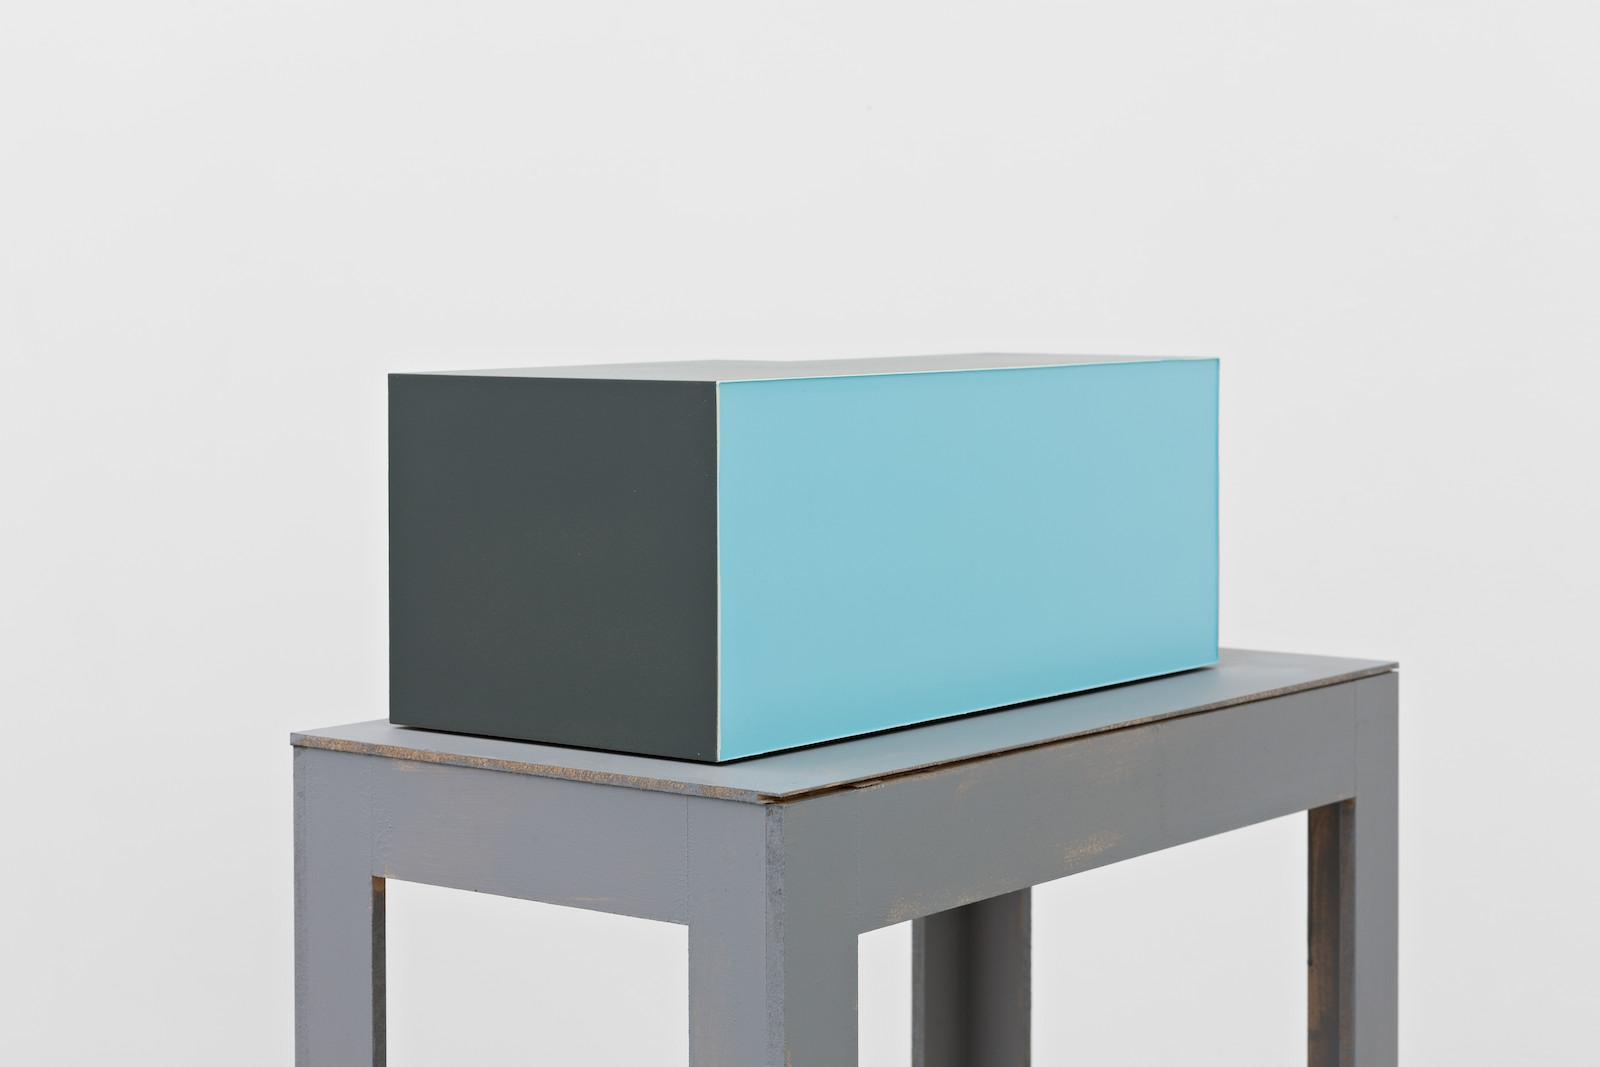 Chosement VI, 2014, acrylic on MDF, 16,4 x 42 x 19,6